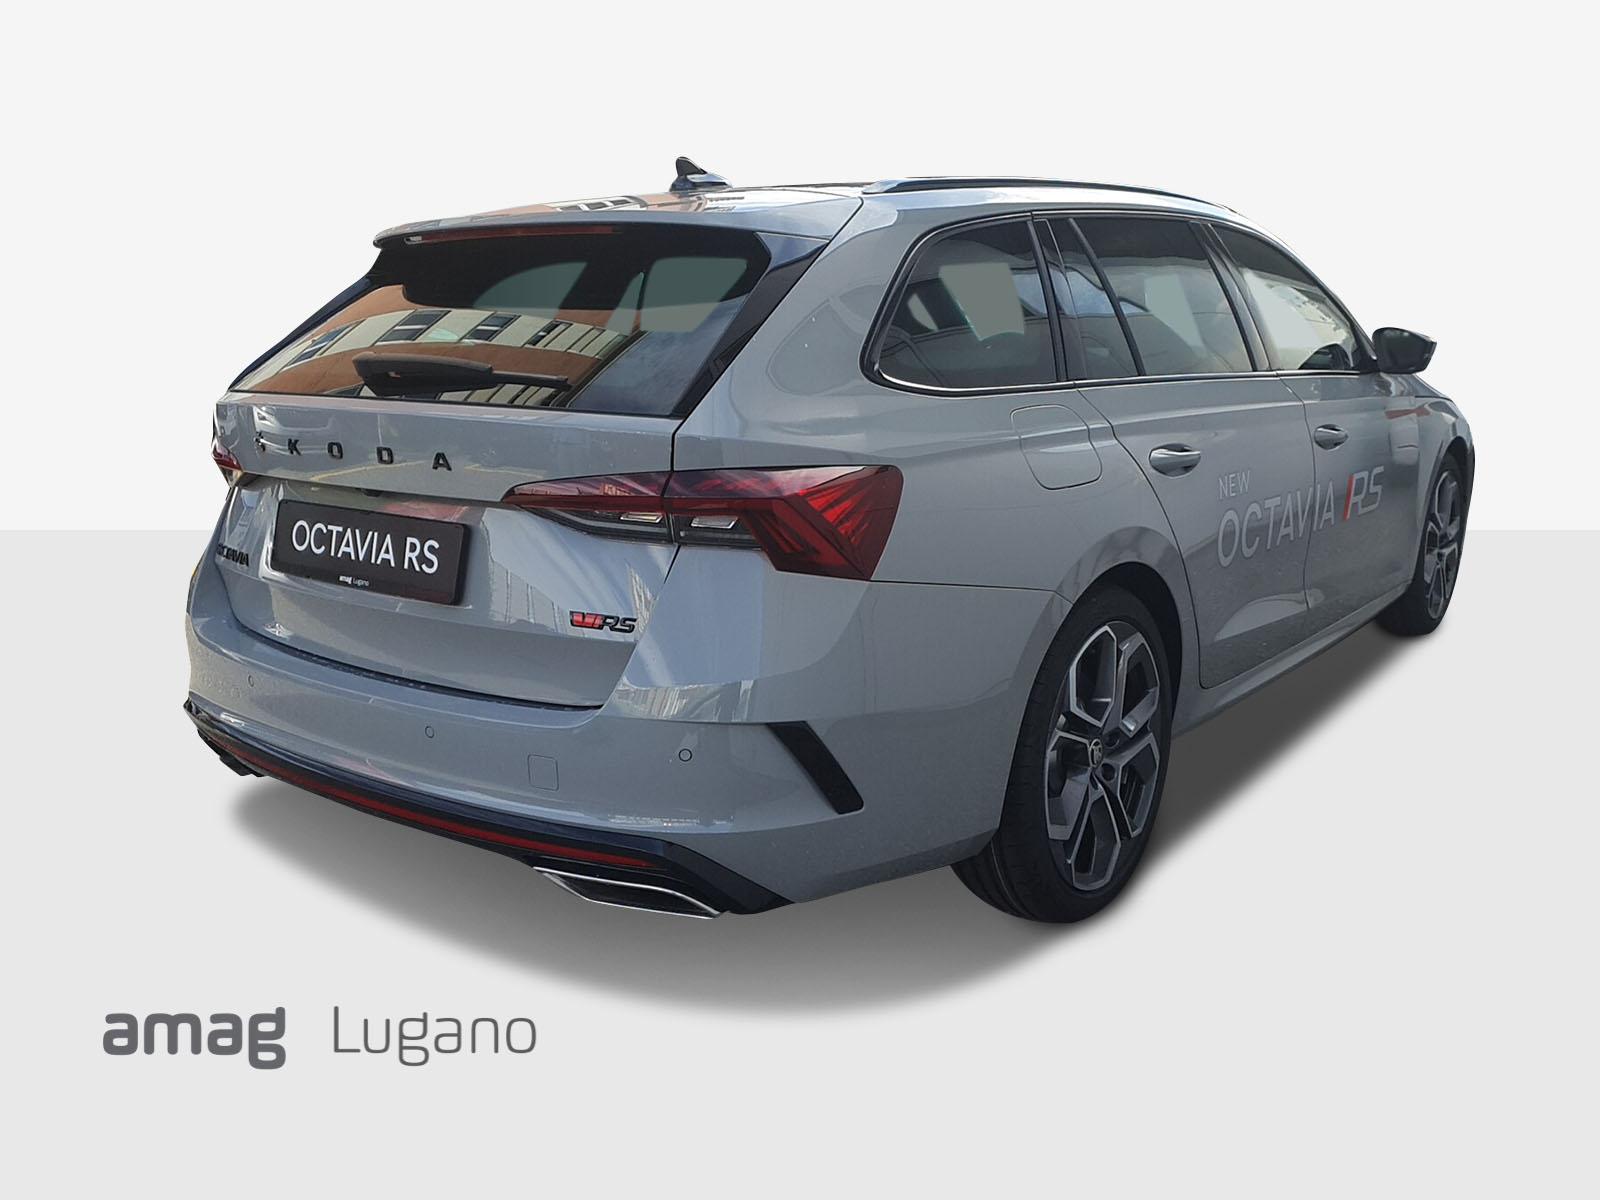 Skoda New Octavia Rs Immatricolazione 2020 500 A Lugano